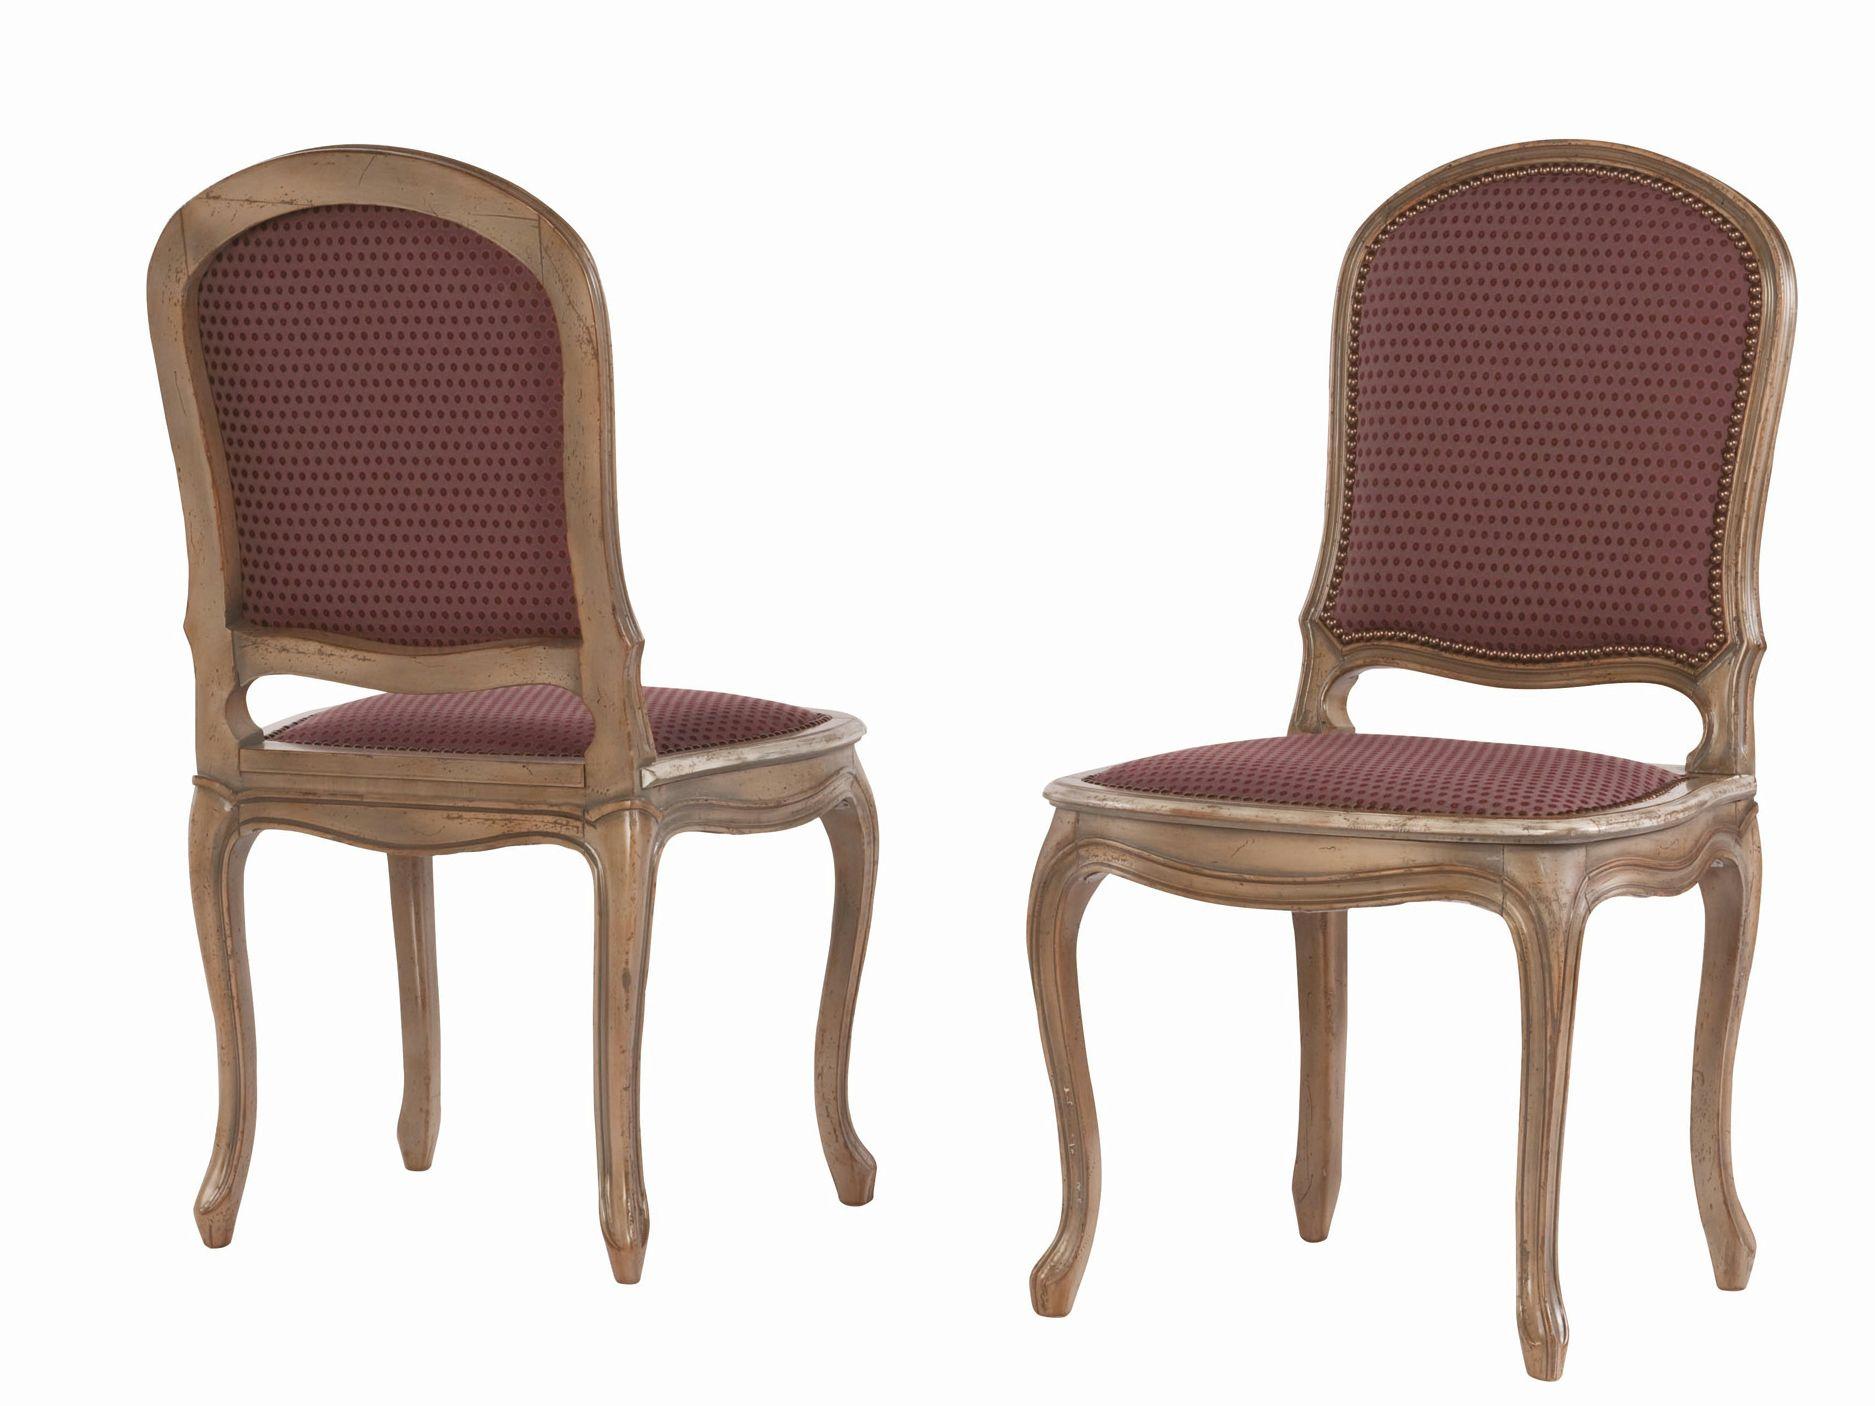 Chaise en h tre luberon collection nouveaux classiques by for Chaise en hetre